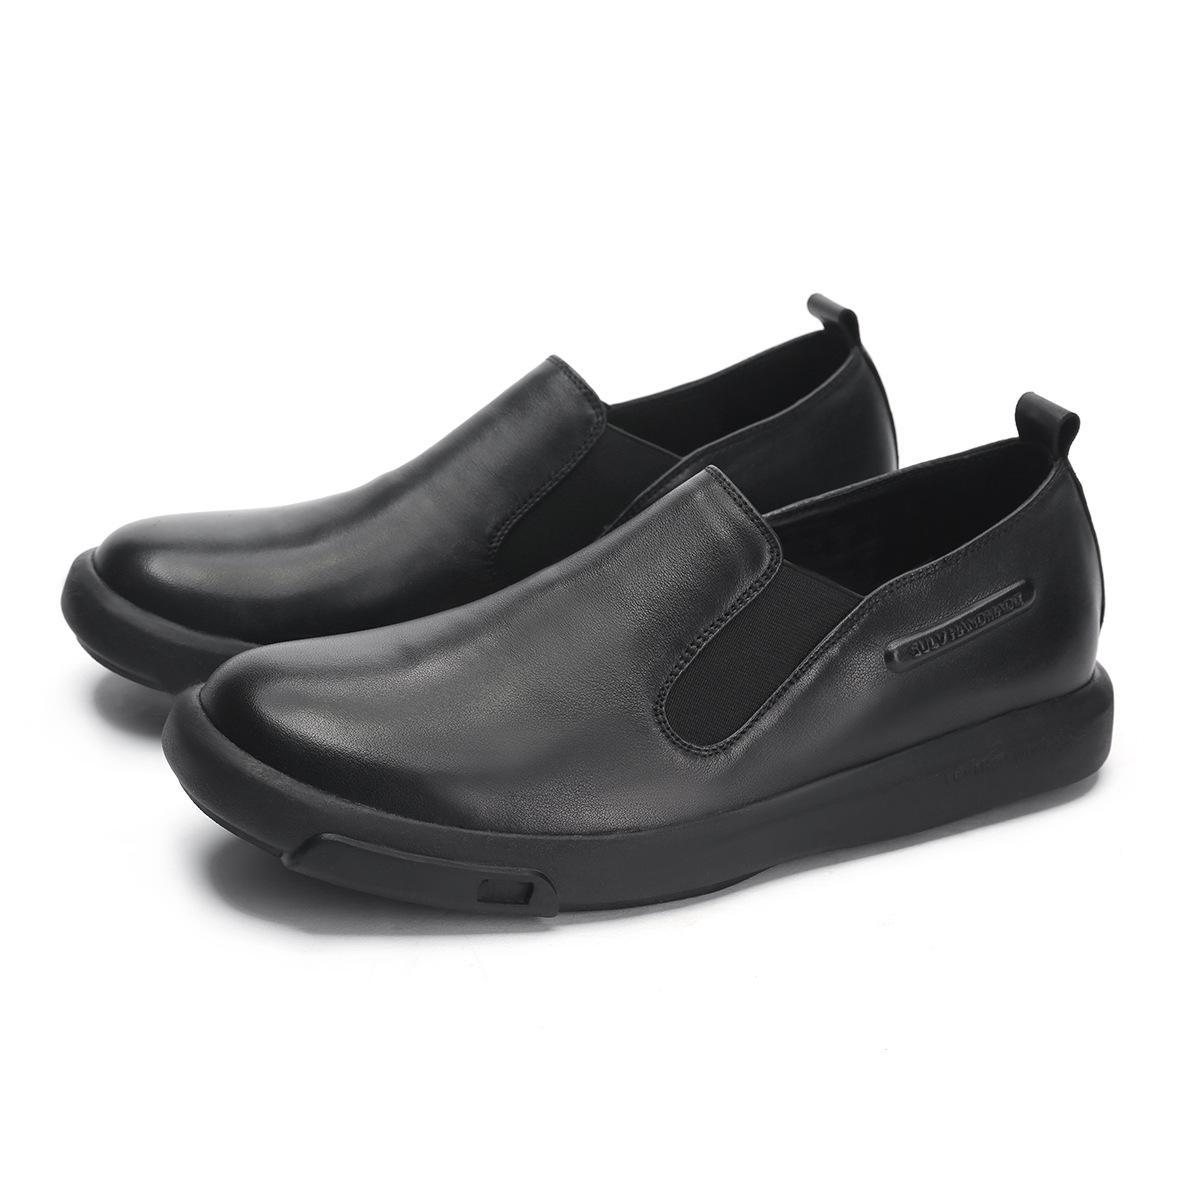 PSRJ Giầy dép Nhà máy bán hàng trực tiếp da đơn giản da thủ công tròn đầu giày nam phẳng giày nam bì